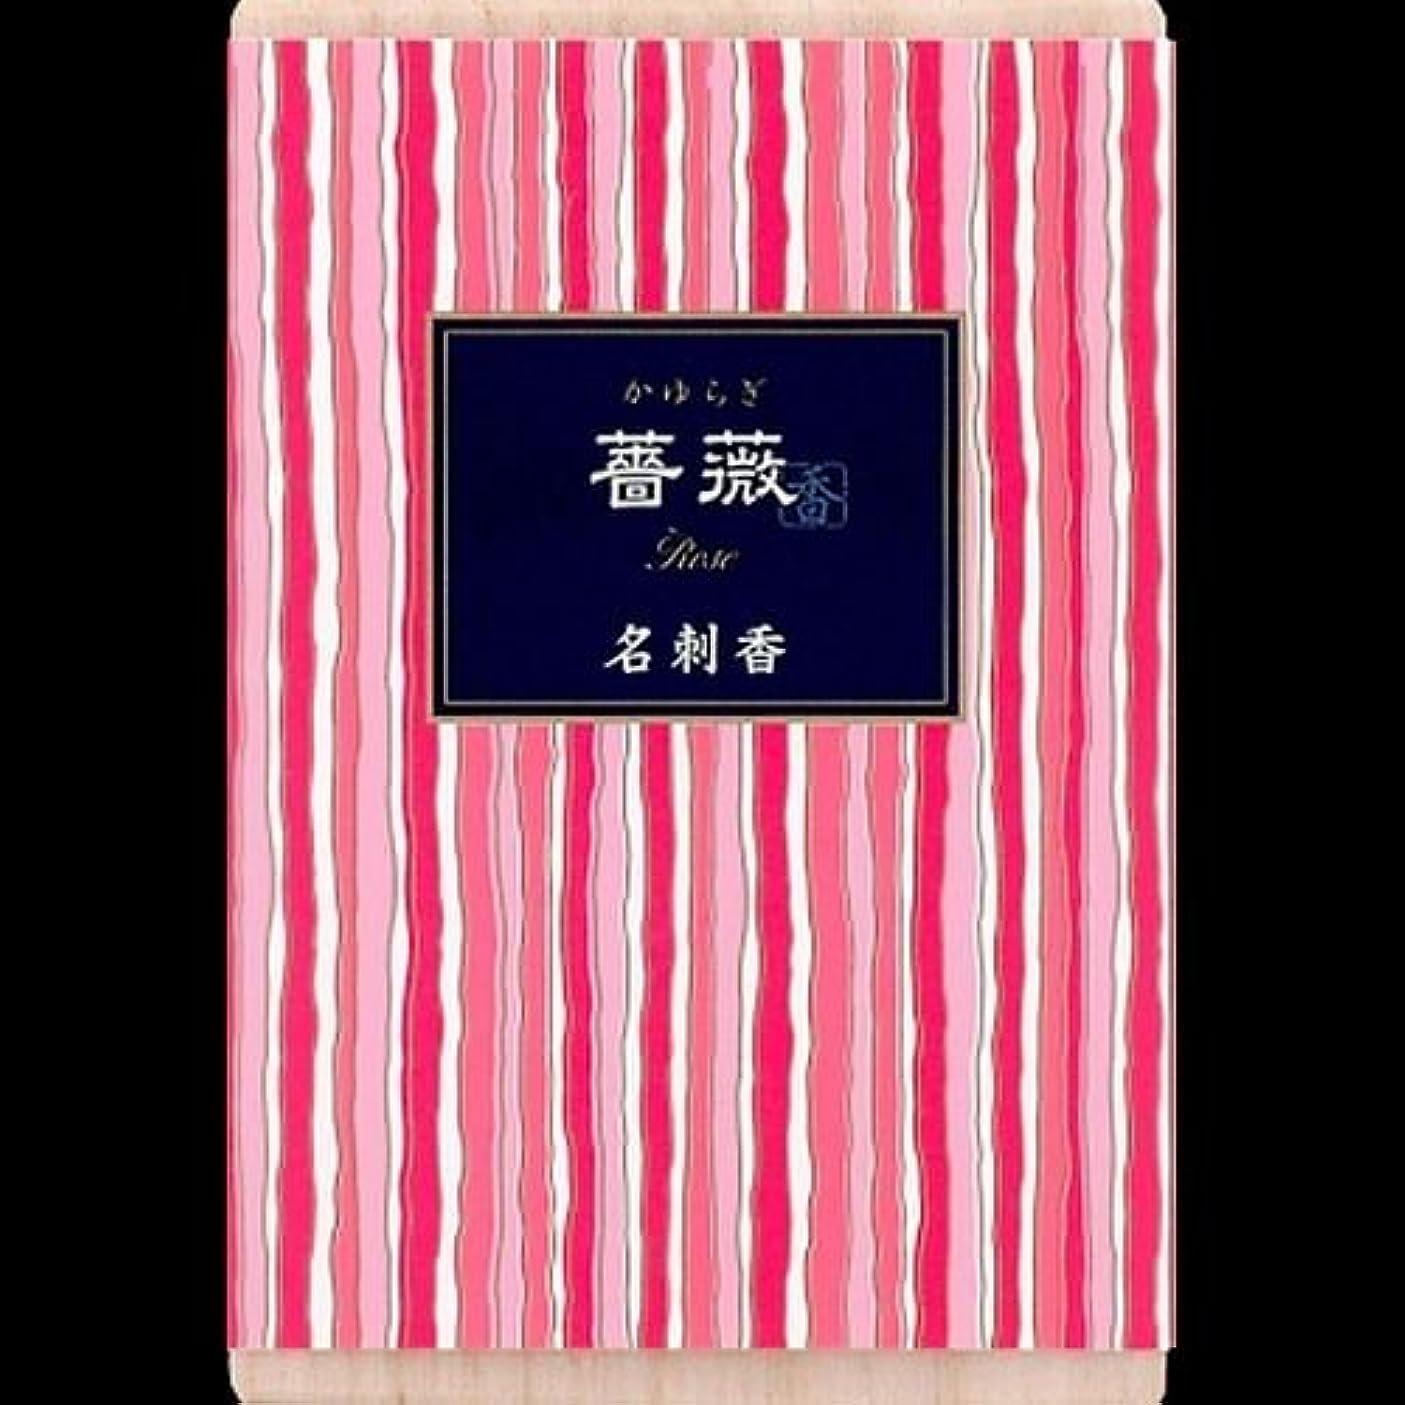 夜明け召集する市区町村【まとめ買い】かゆらぎ 薔薇 名刺香 桐箱 6入 ×2セット